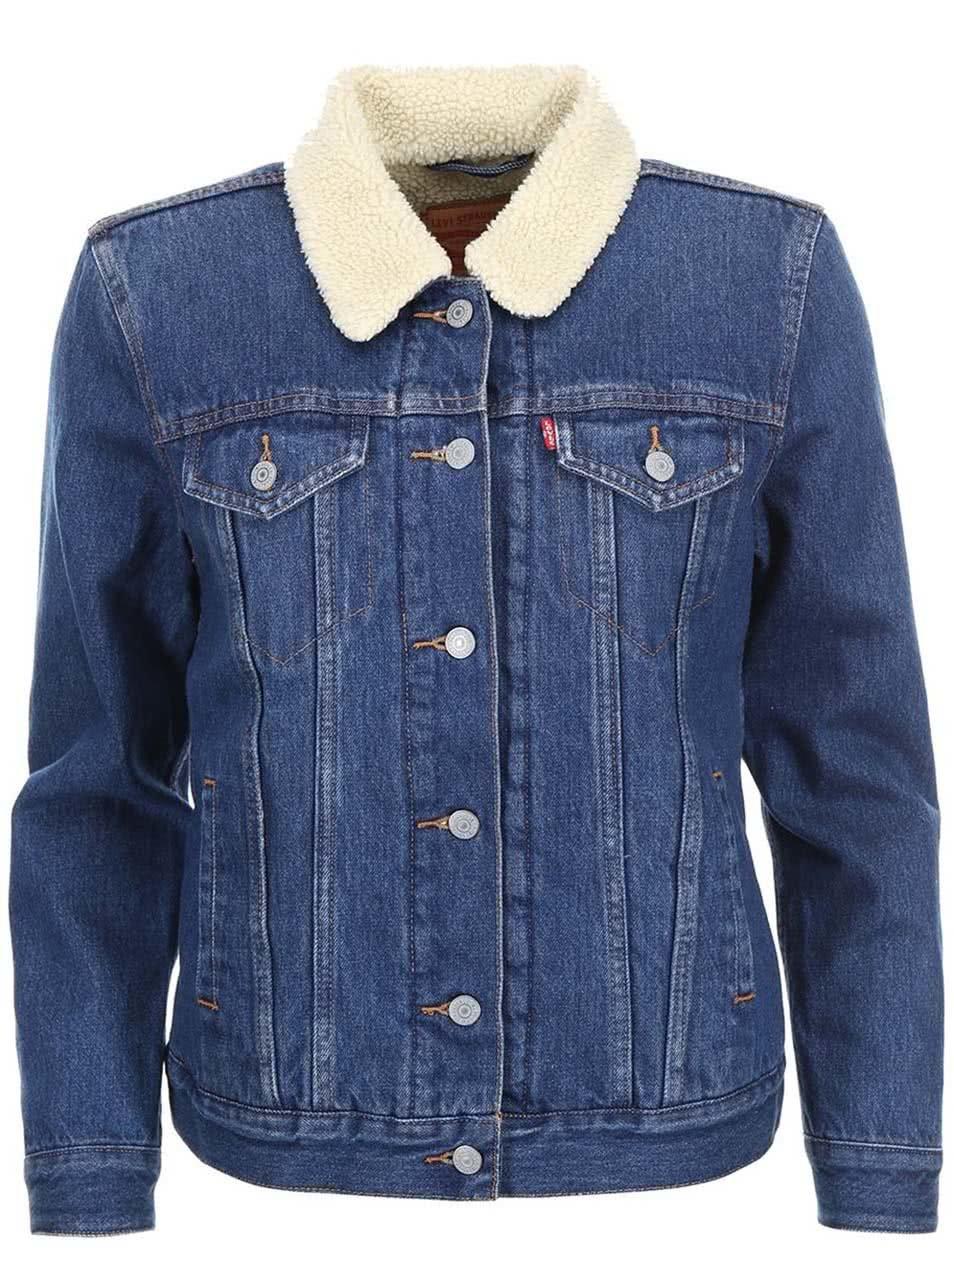 58b84bcd4f93 Modrá dámská džínová bunda s kožíškem Levi s® ...